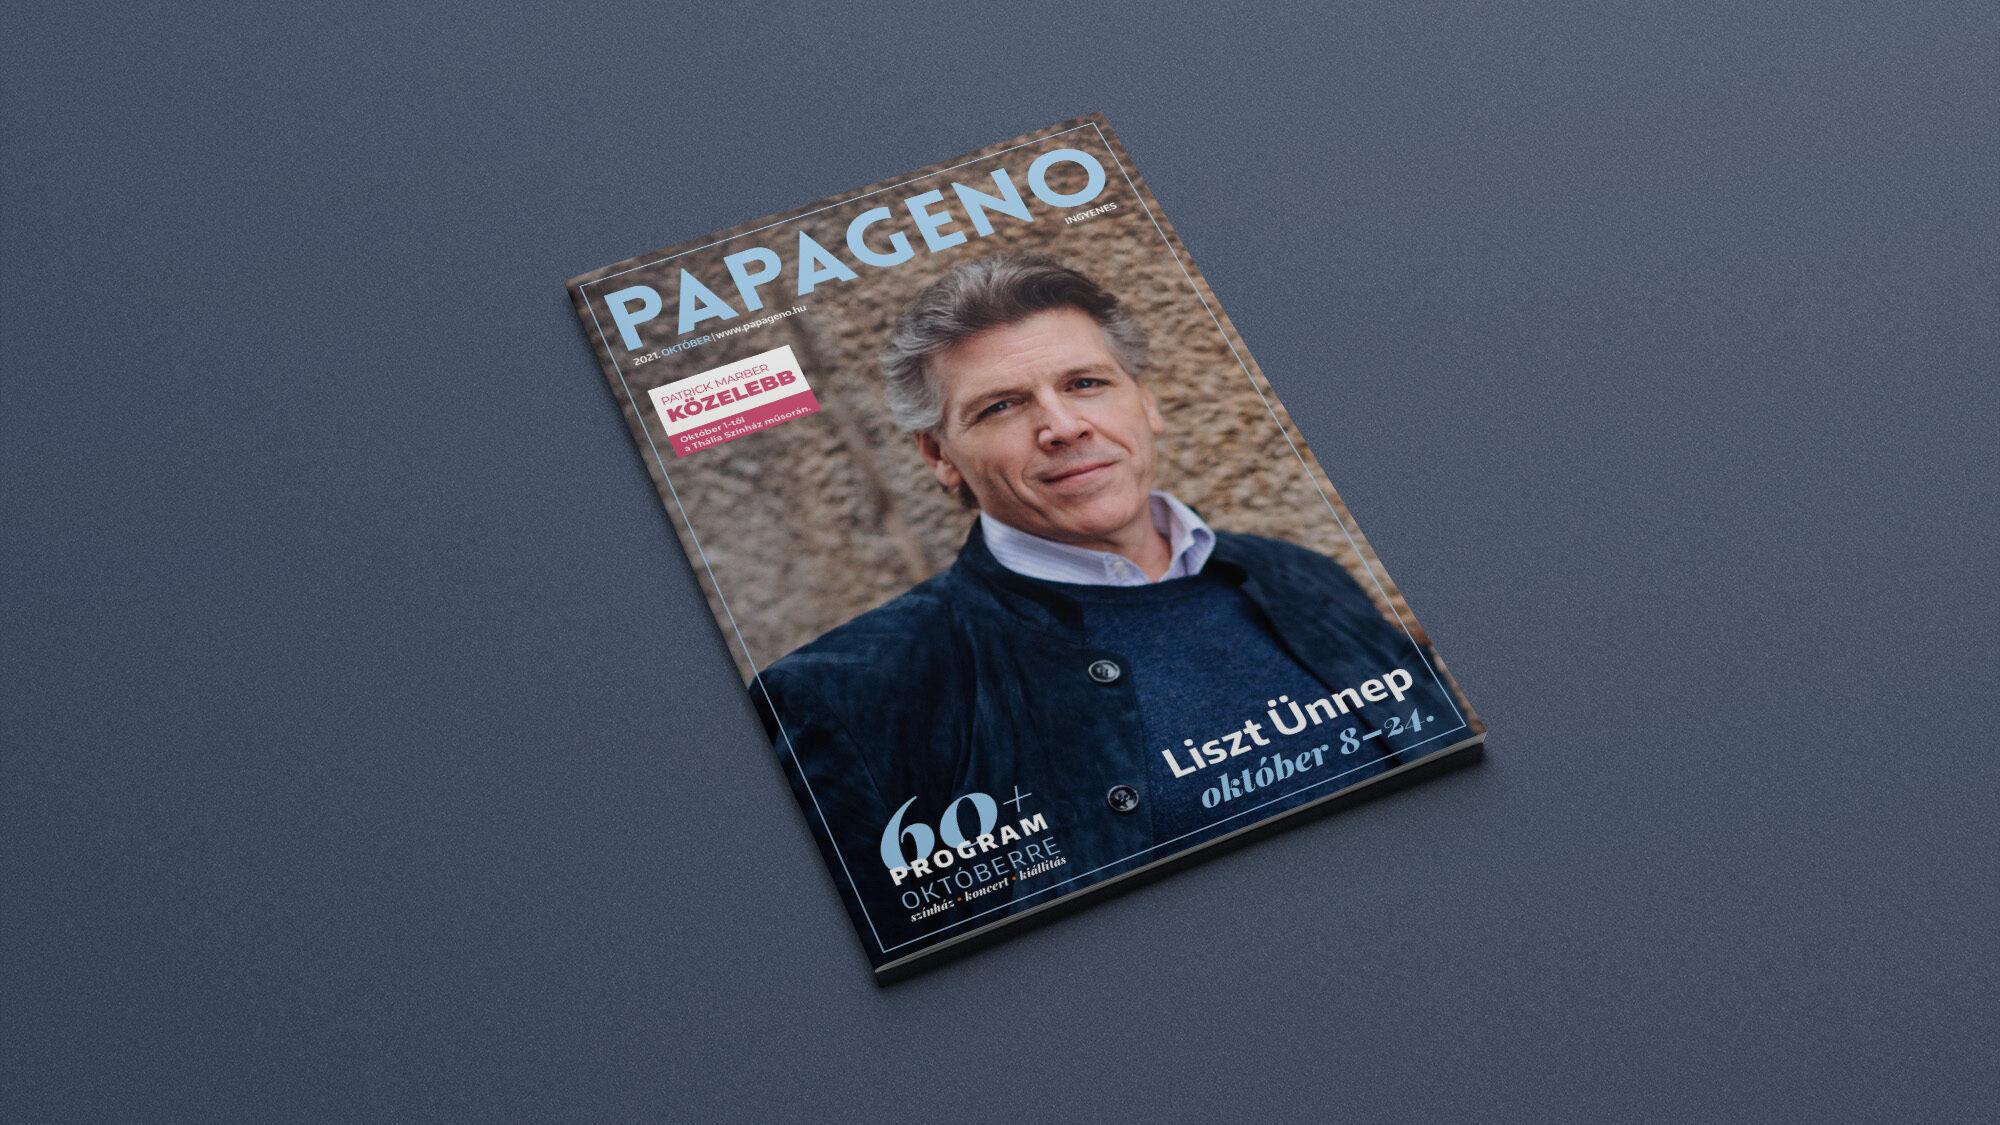 Megjelent a Papageno magazin októberi száma